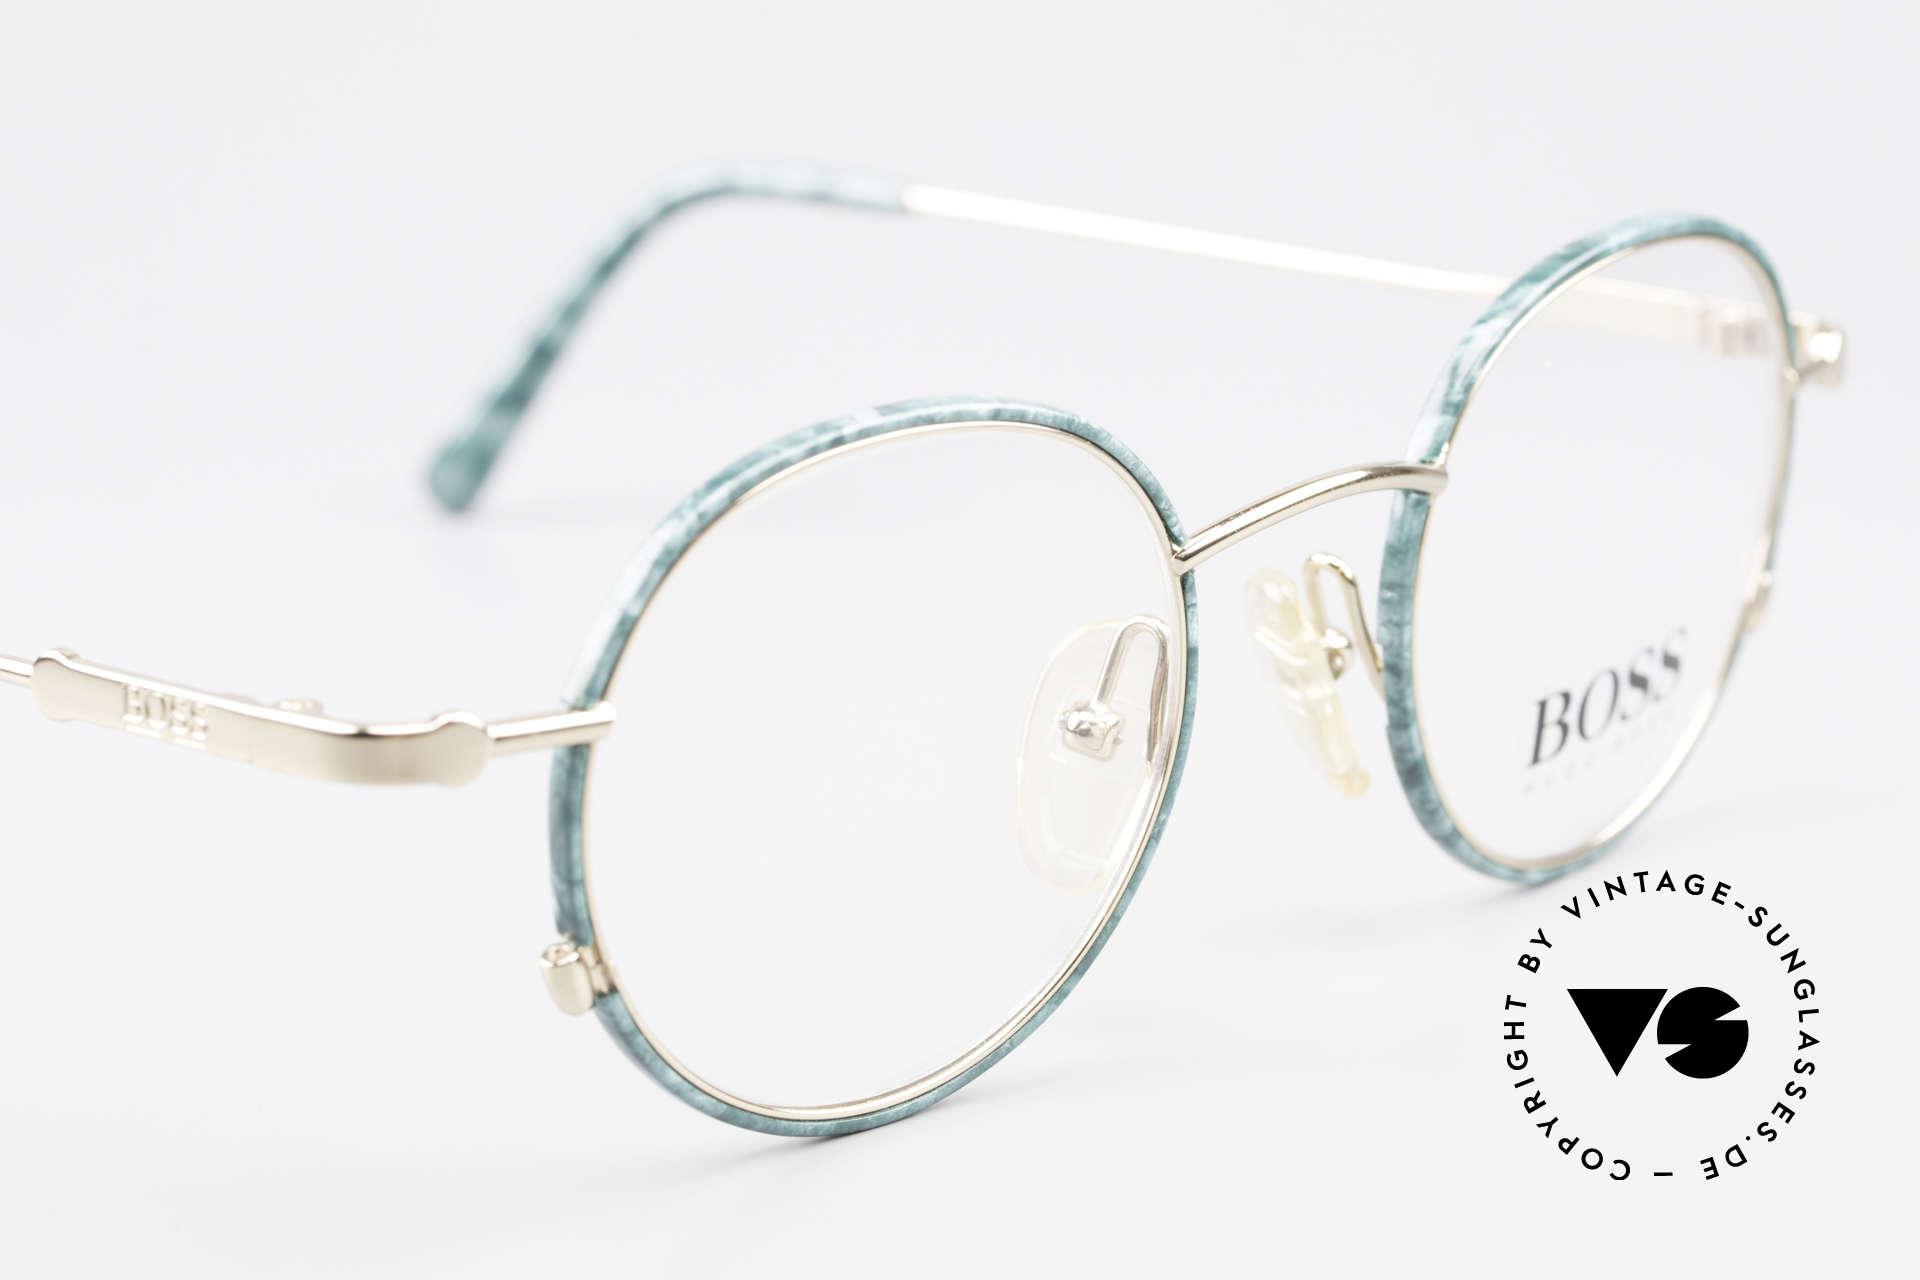 BOSS 5148 Runde Panto Style Fassung, KEINE Retrobrille; sondern ein echter DesignKlassiker, Passend für Herren und Damen